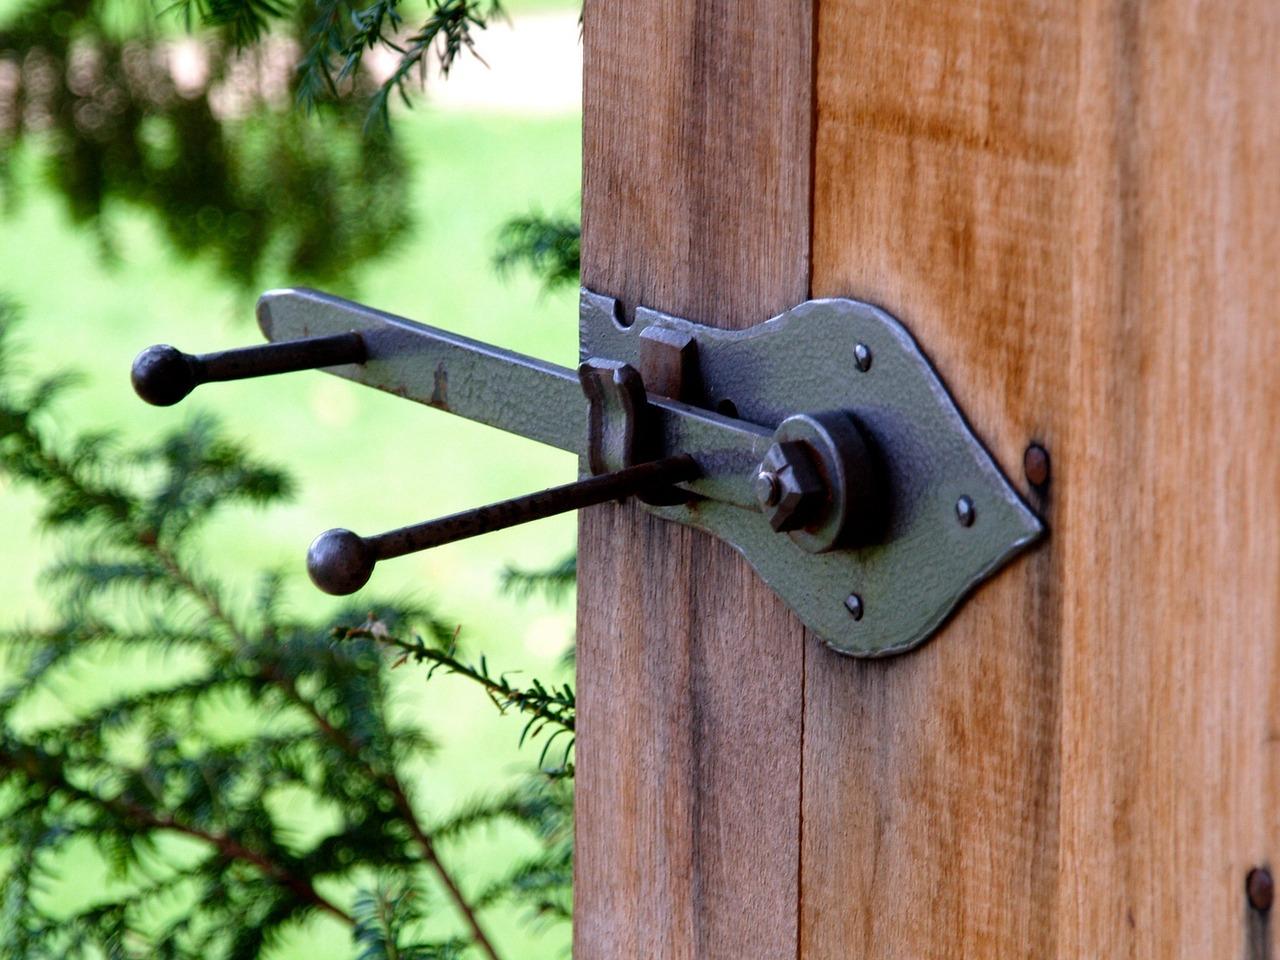 Des astuces pour ouvrir facilement une porte claqu e allo serrurier paris 12 - Formule magique pour ouvrir une porte ...